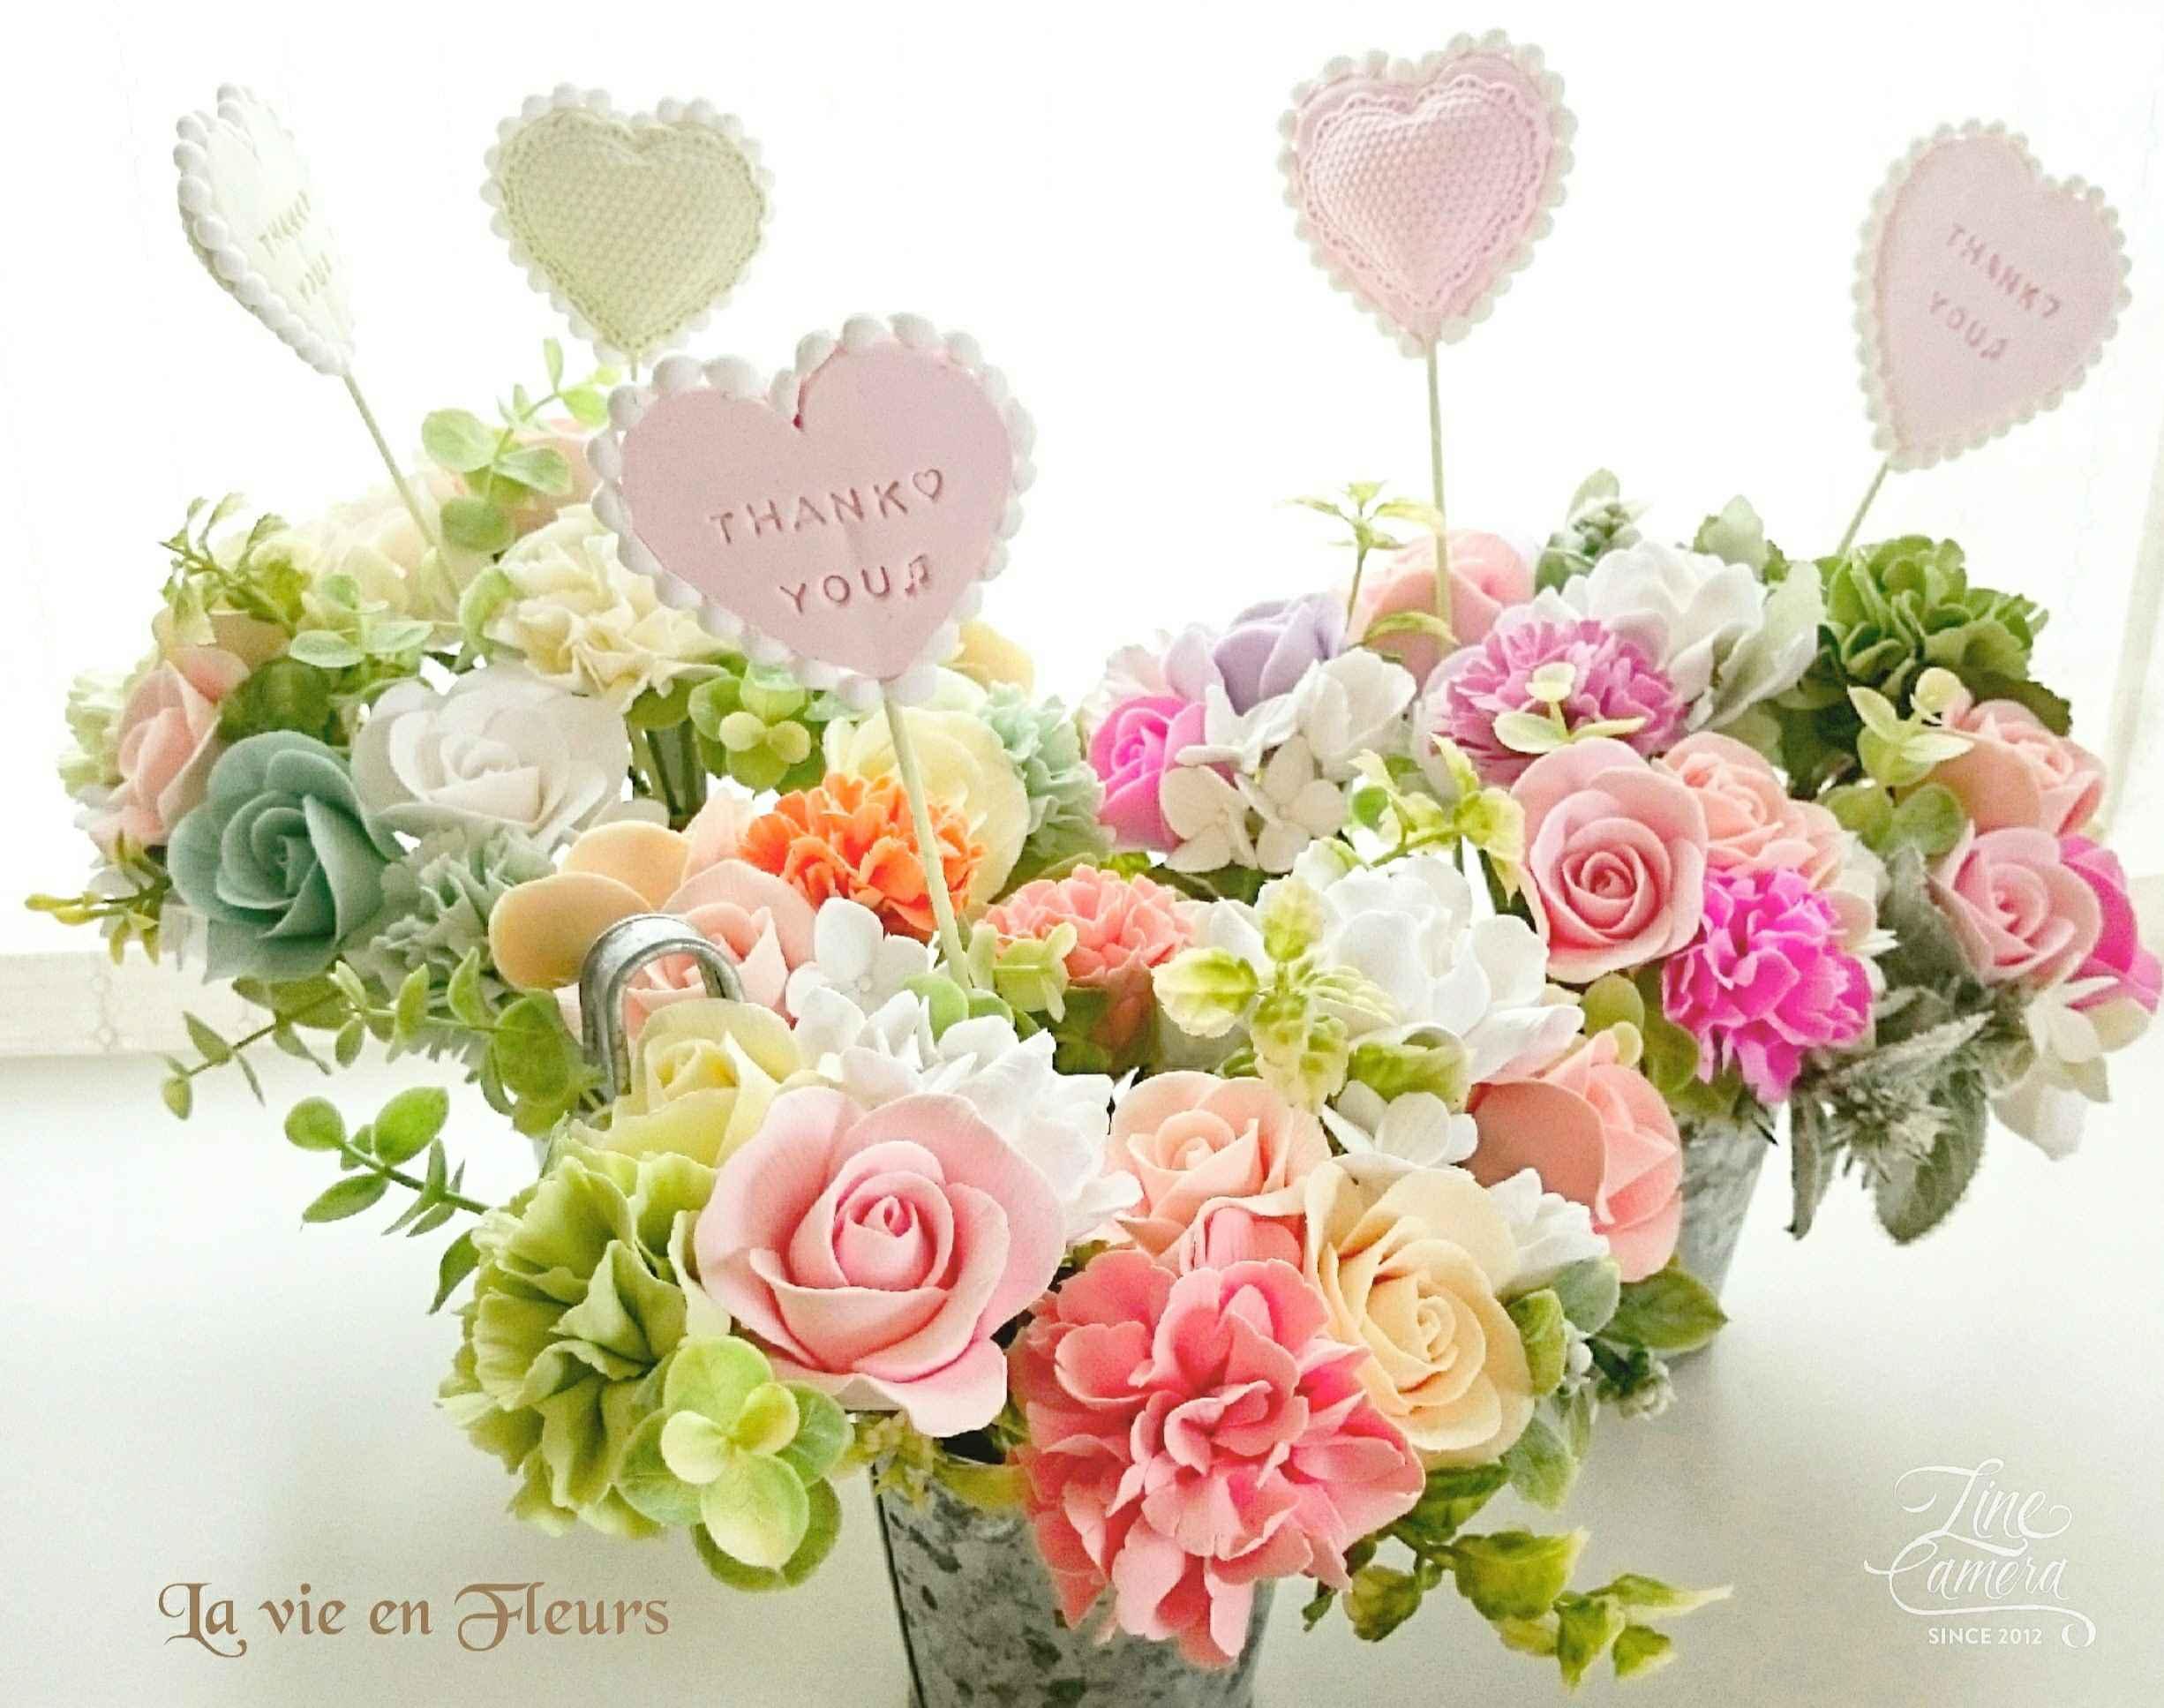 La vie en fleurs